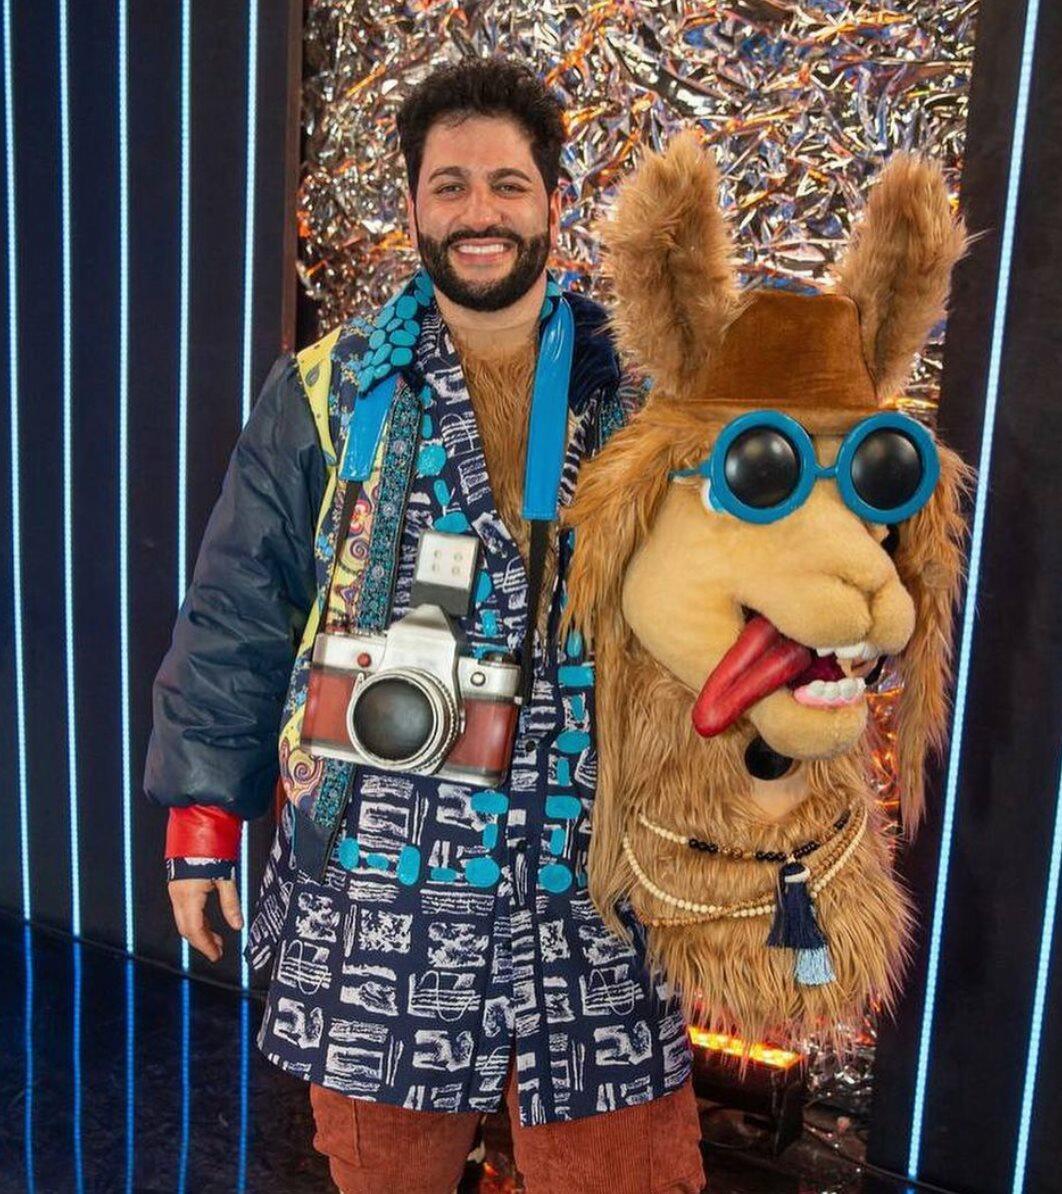 Под маской ламы в шоу на НТВ оказался народный артист Азербайджана